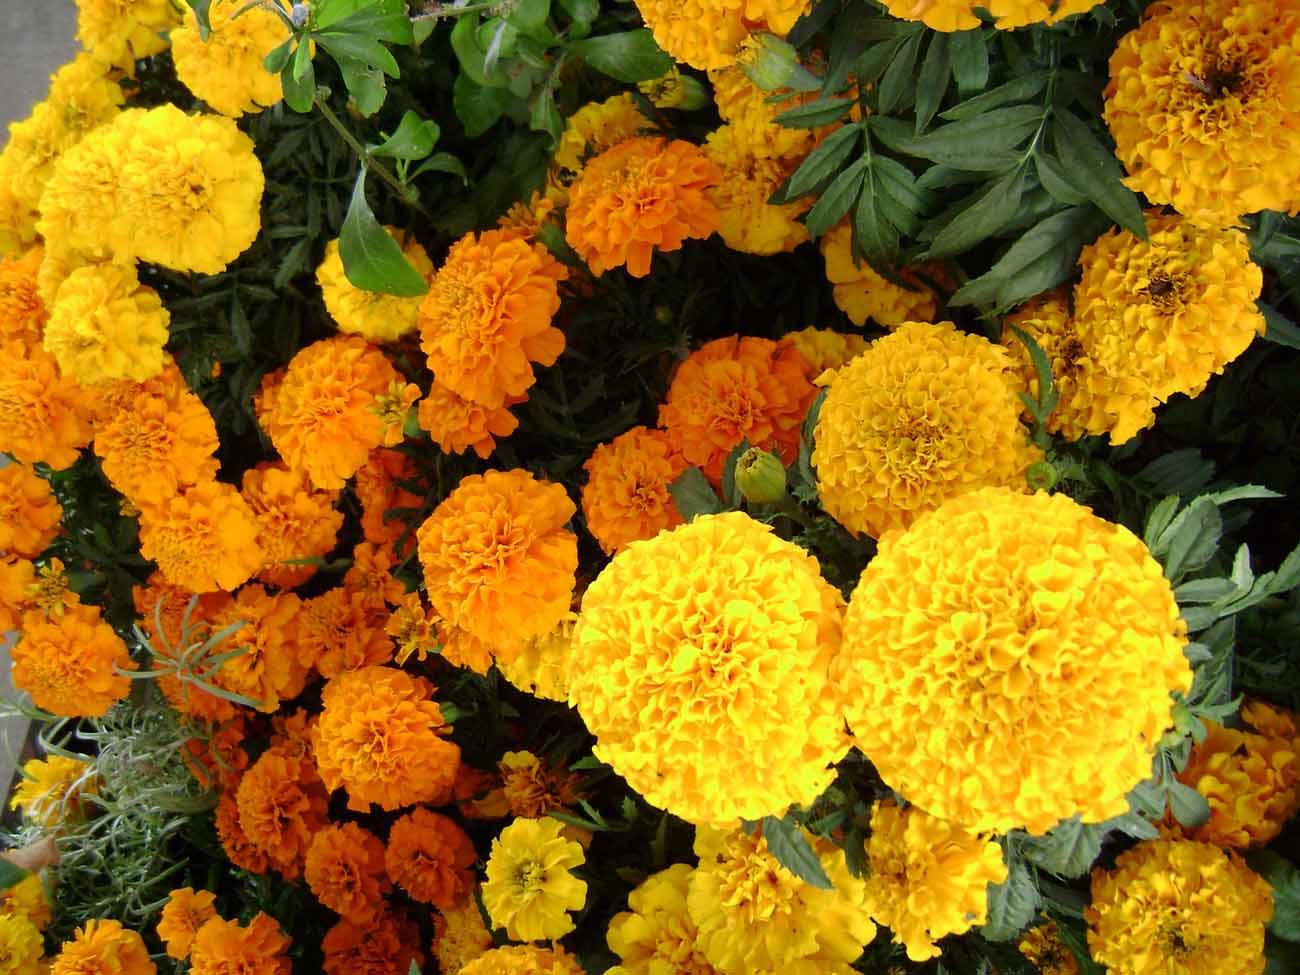 Imagenes De Flores De Cempasuchil - catrinas, flores de cempasuchil y papel picado manos a la